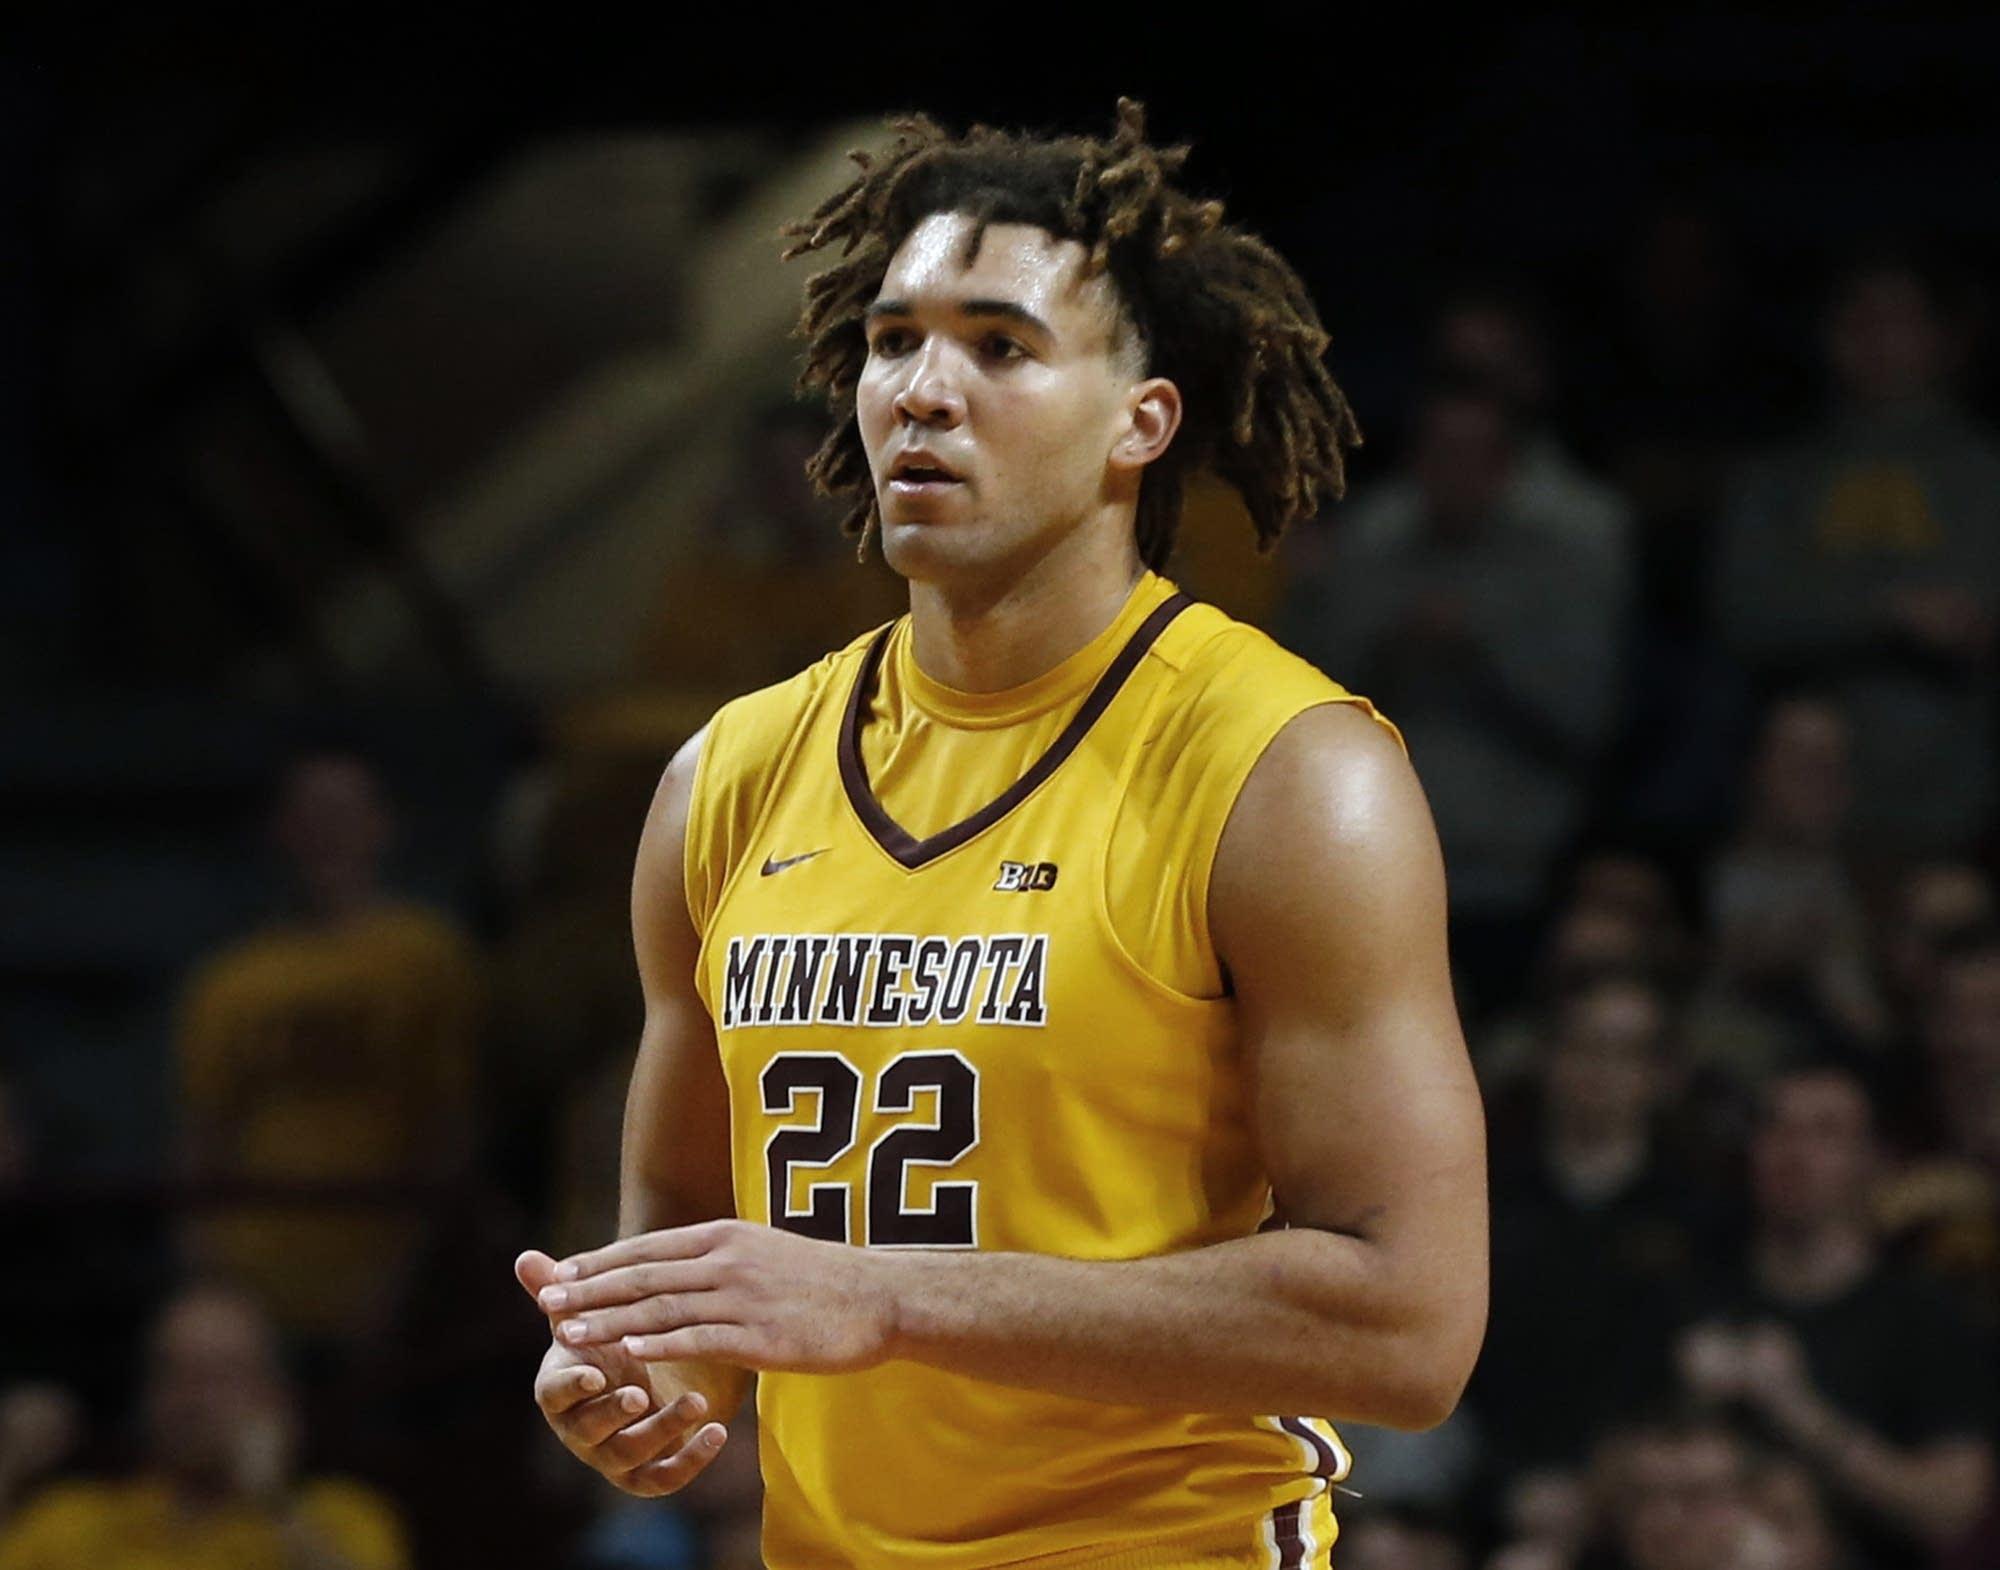 Reggie Lynch Still on Minnesota Basketball Team Amid Sexual Assault Suspension